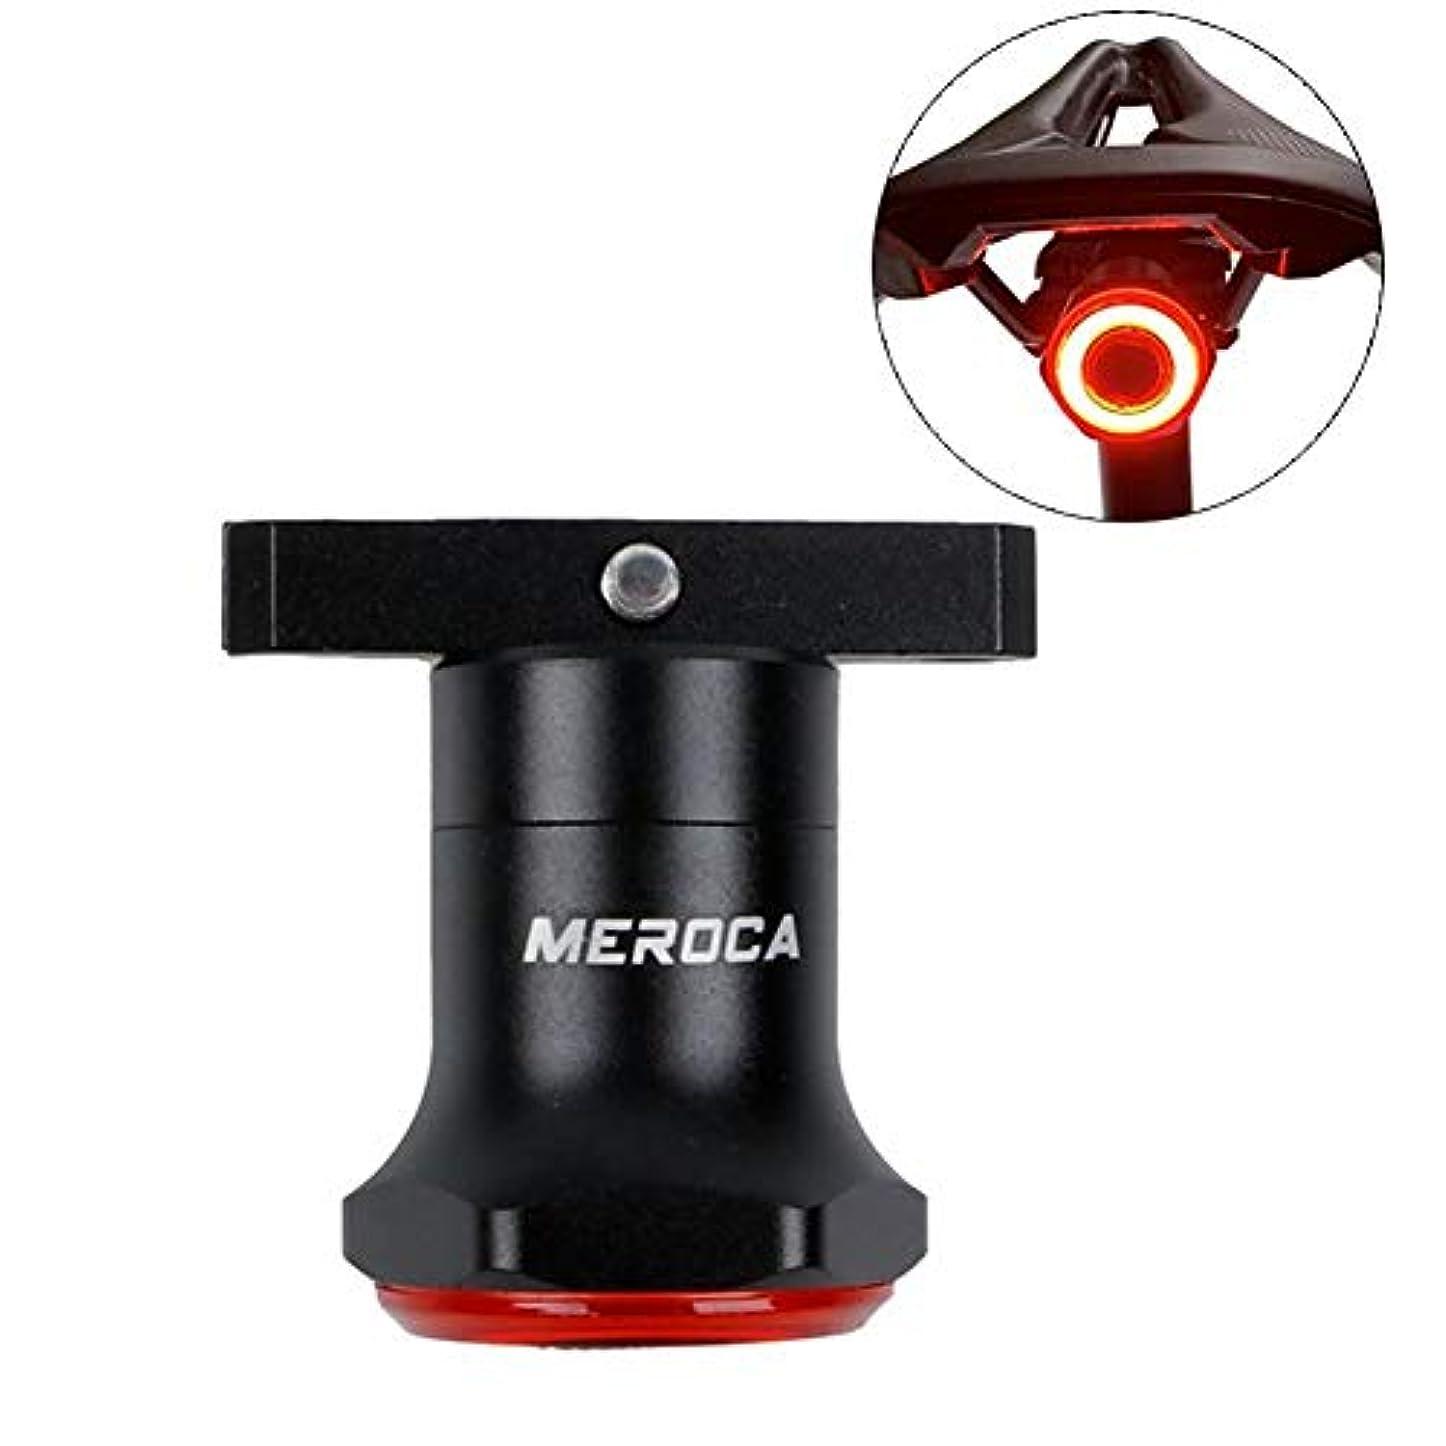 劇作家ドロー変形自転車テールライト高視認性超高輝度USB充電式LEDマウンテンバイクバックライトロードナイトライディングテールライト